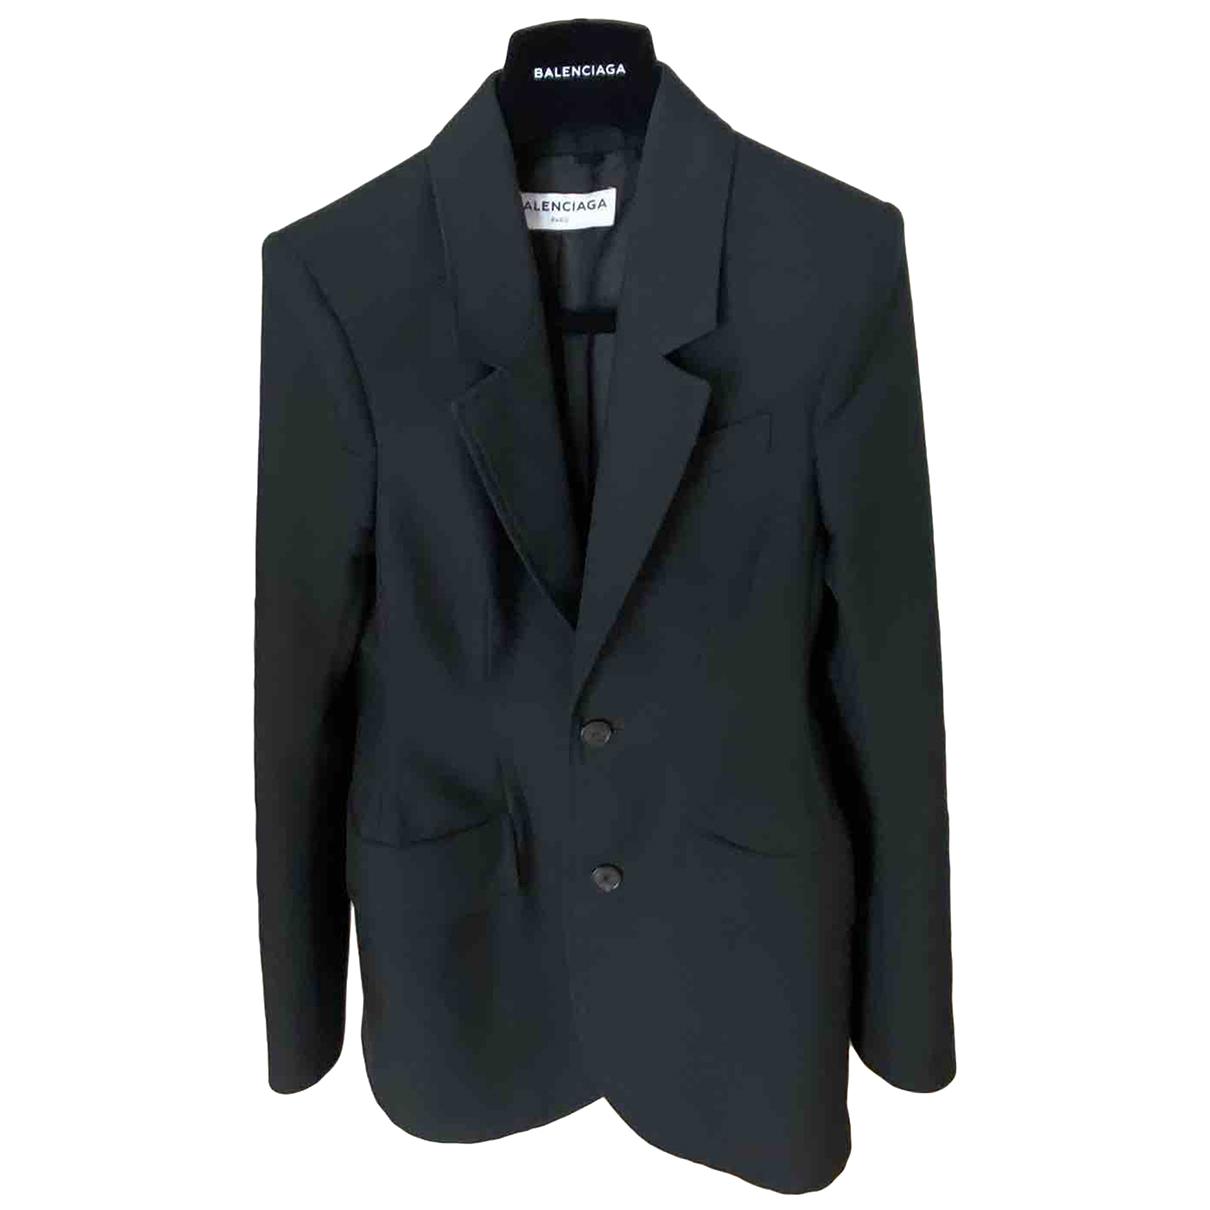 Balenciaga N Black jacket for Women 34 FR